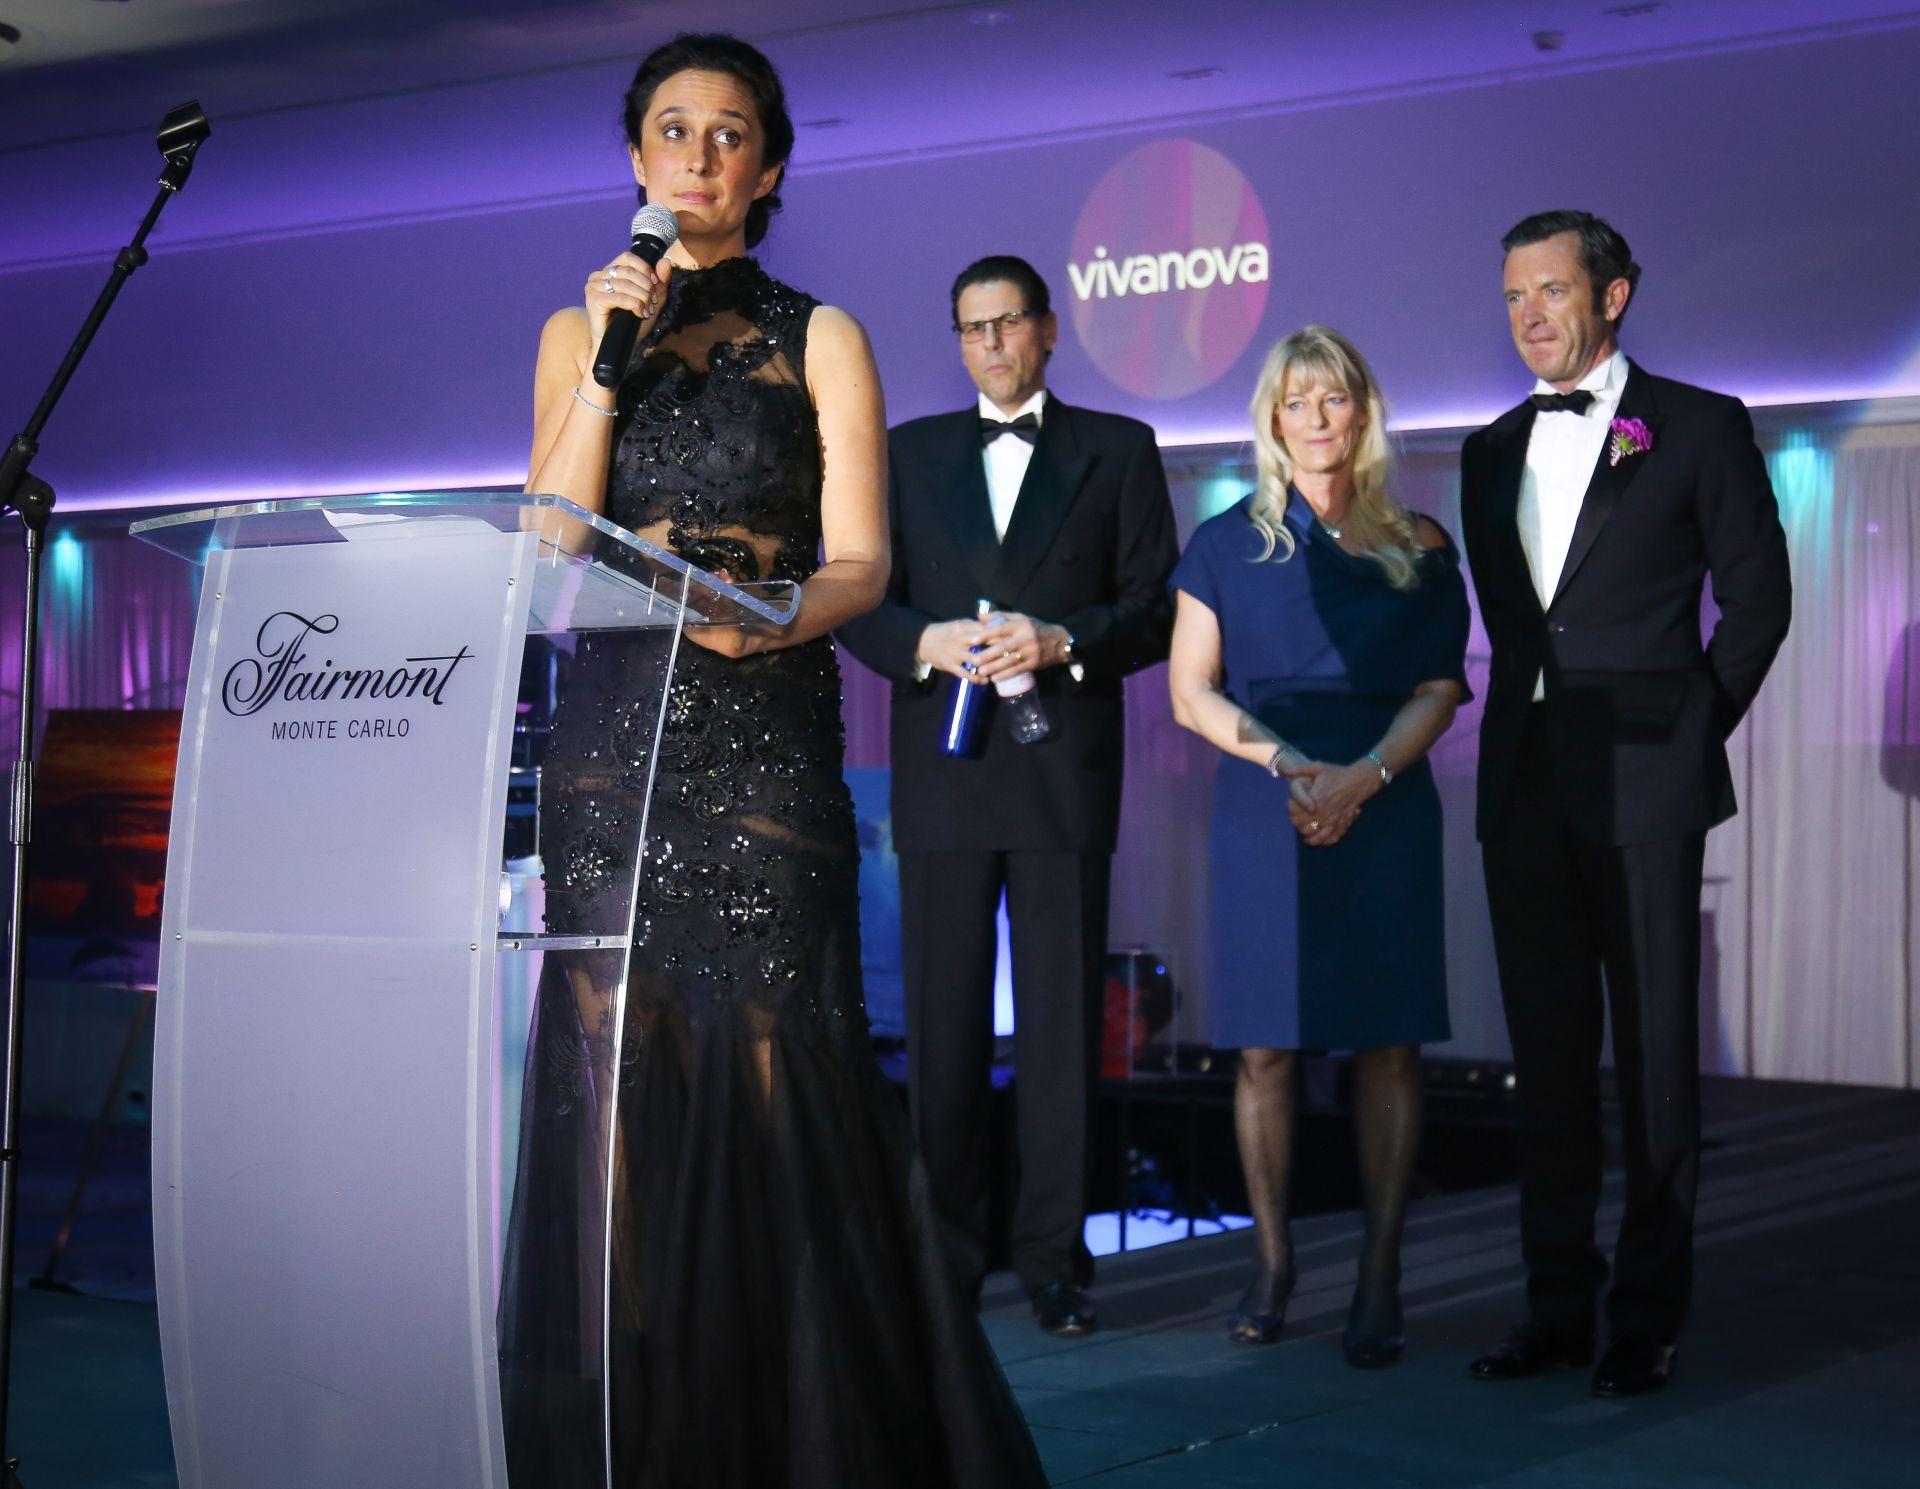 clubvianova-gala-2018_GM3A1556 2.jpg